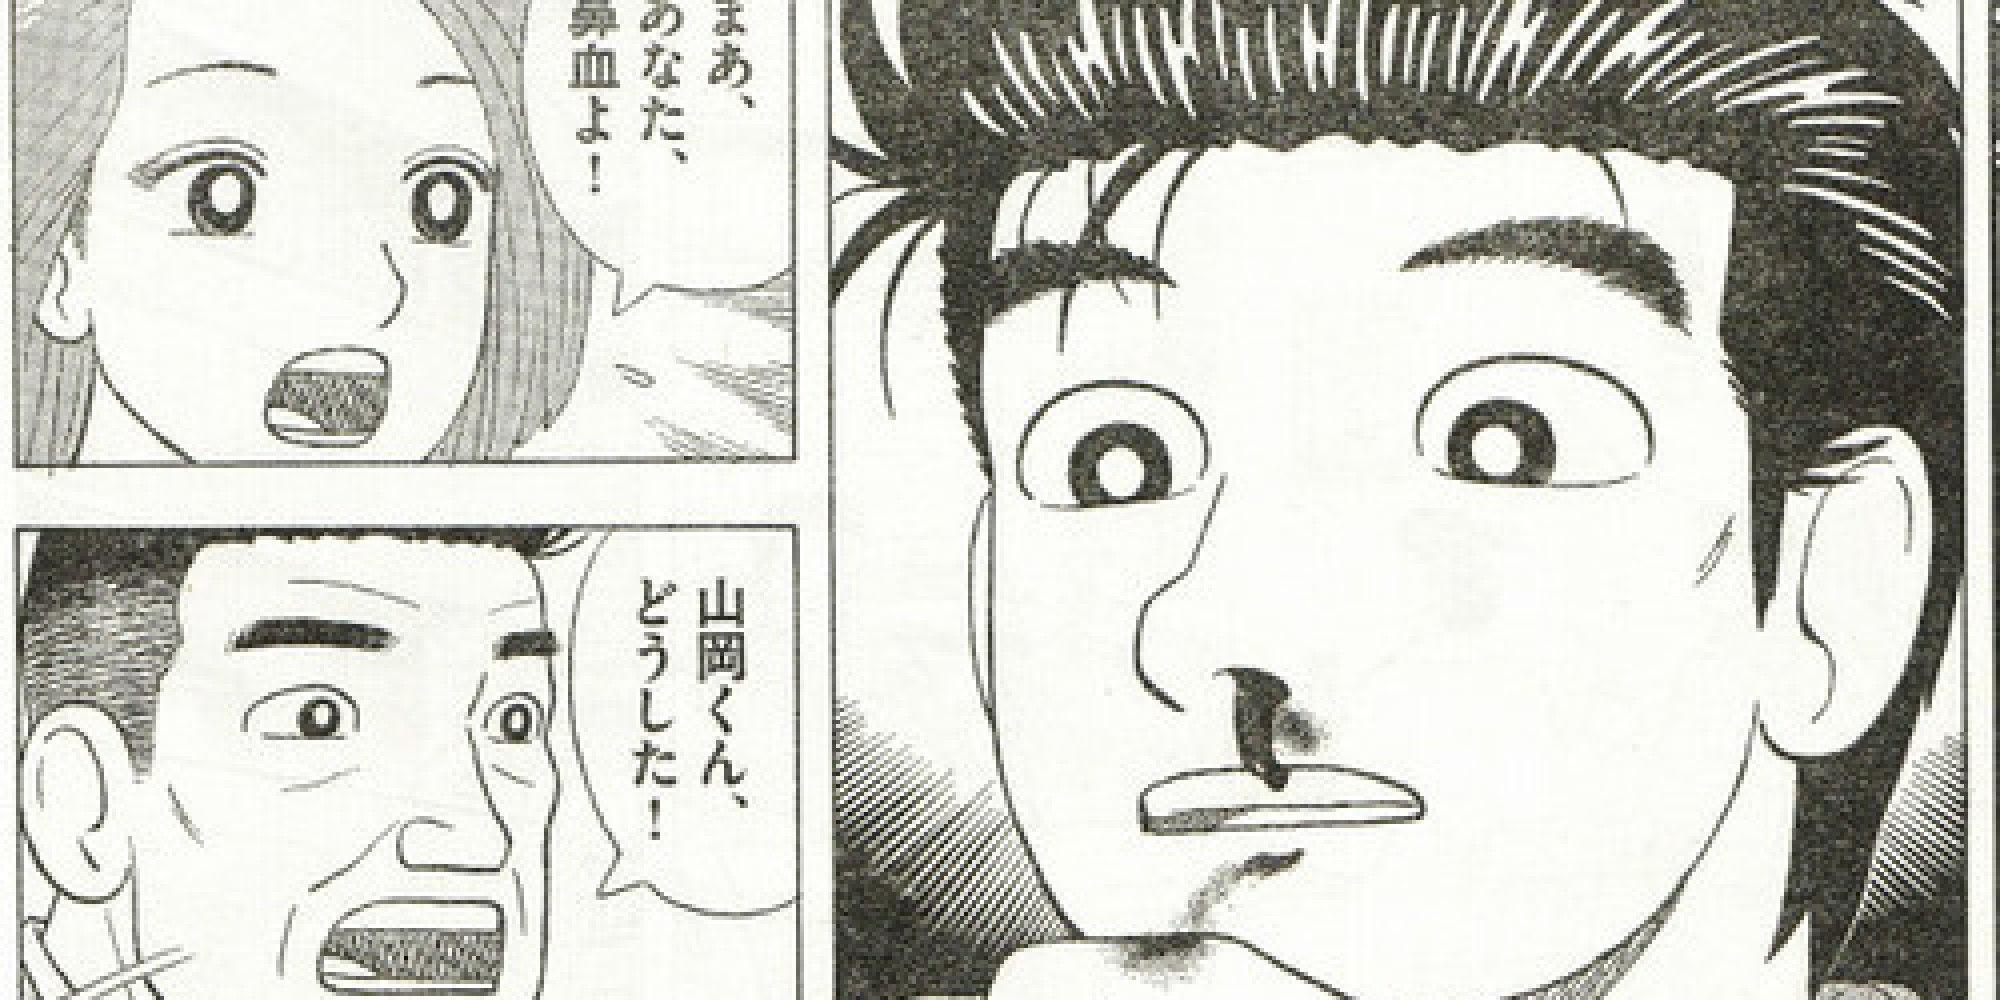 美味しんぼ作者・雁屋哲「福島の食べ物を食べて応援? どうかと思う。一番問題なのは漁業」